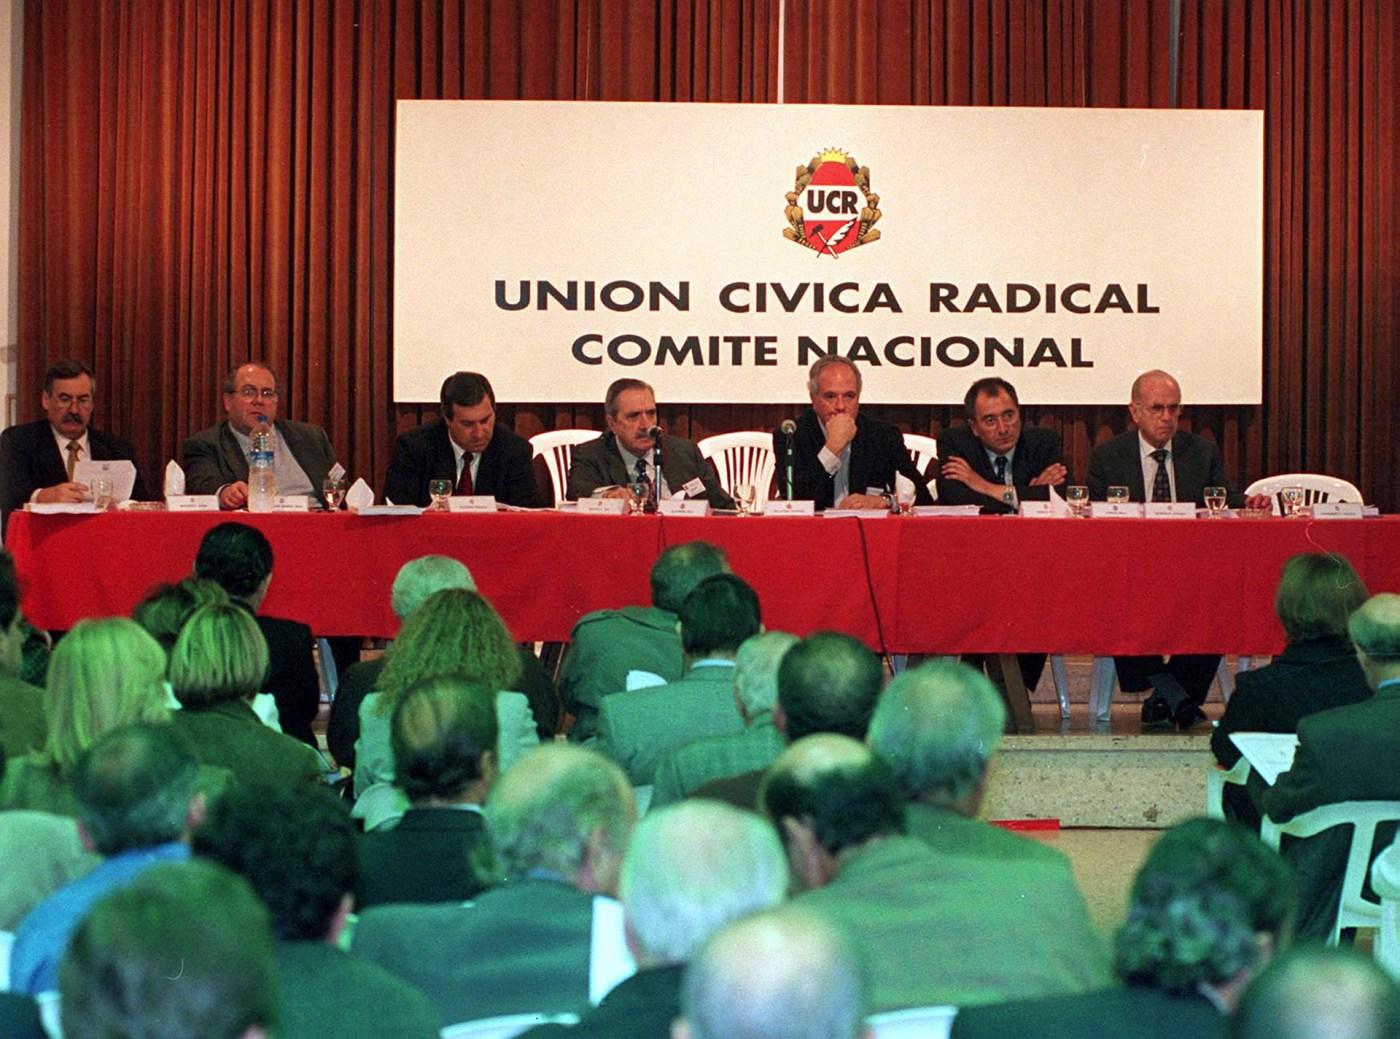 En el comité nacional de la Unión Cívica Radical